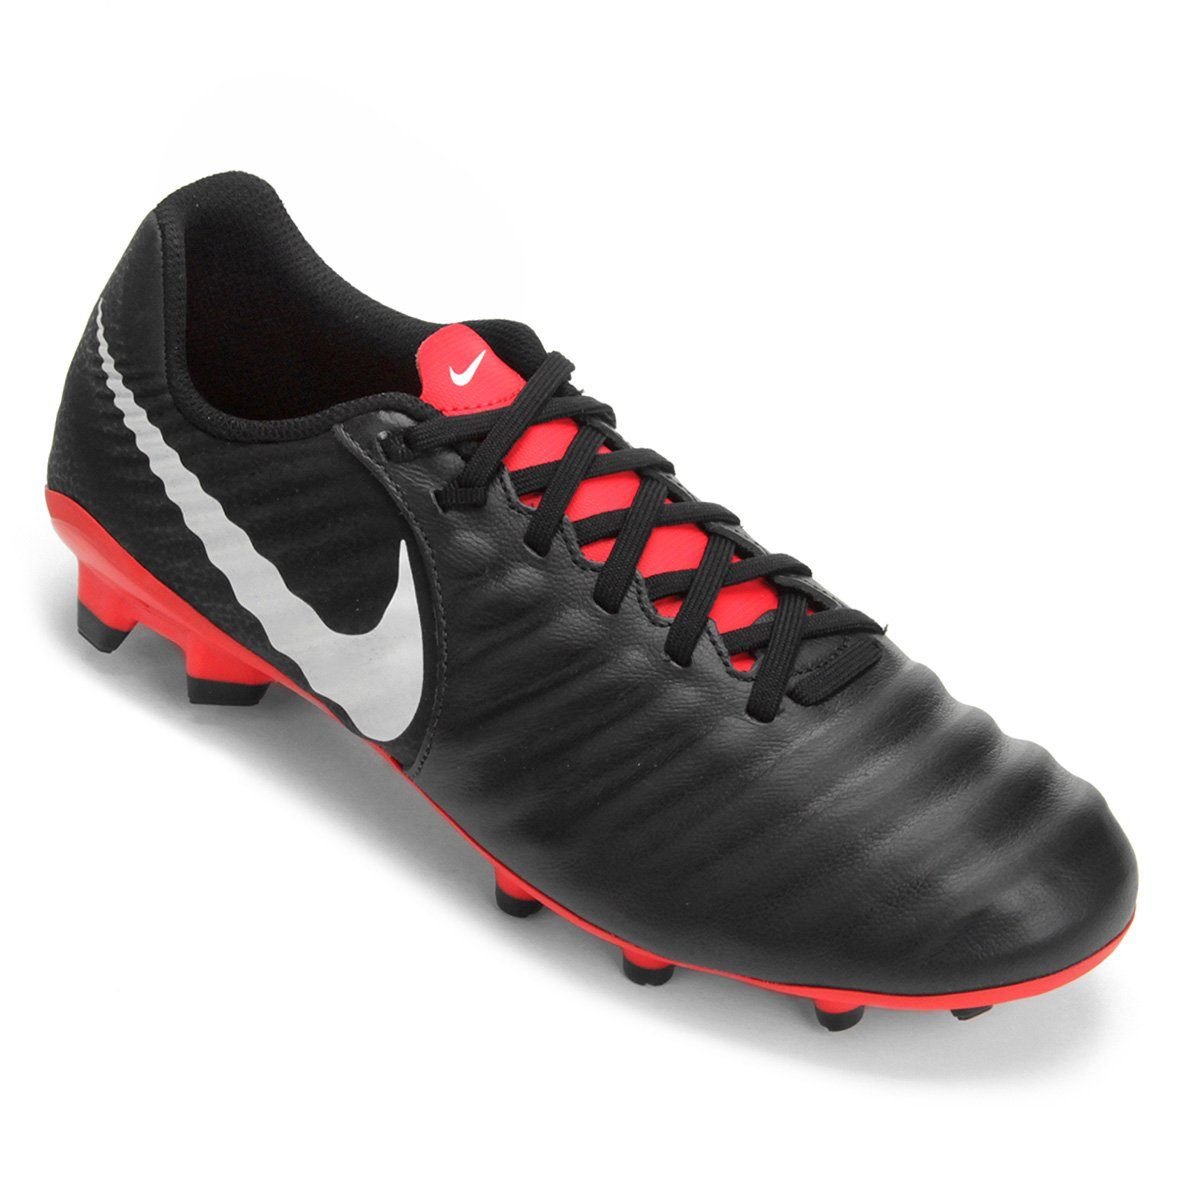 0fb19d83cd512 Chuteira Campo Nike Tiempo Legend 7 Academy FG - Preto - Compre Agora